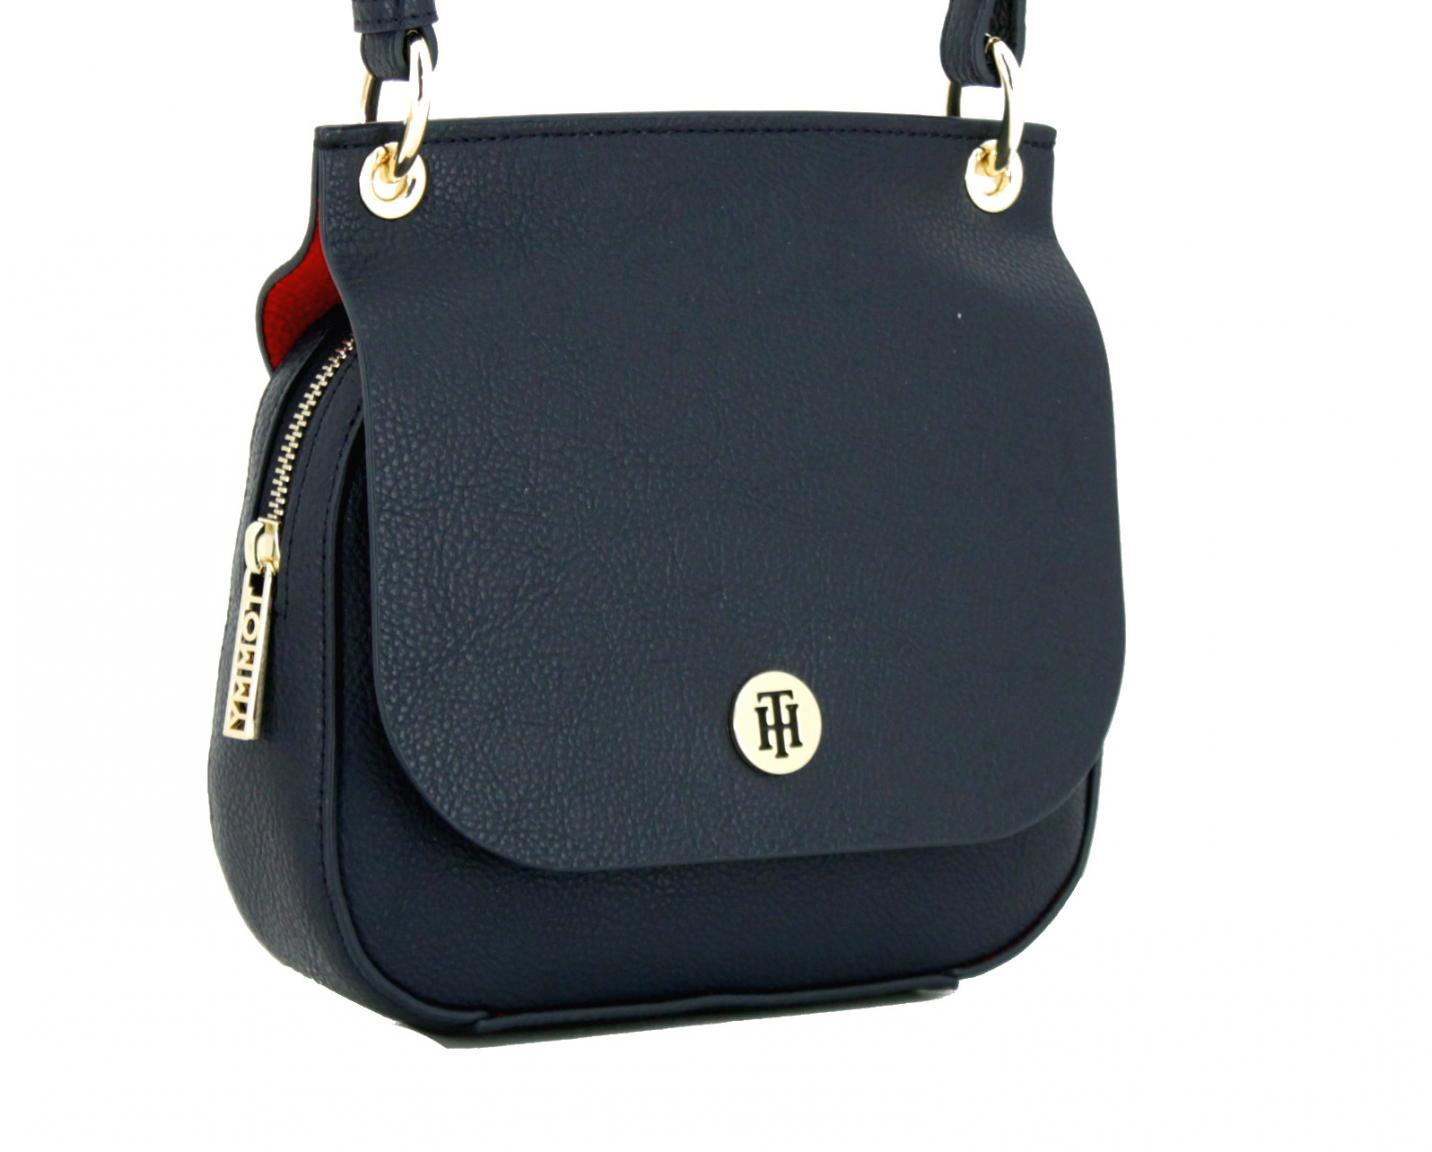 Crossover Tasche Tommy Hilfiger Core Flap dunkelblau Überschlag